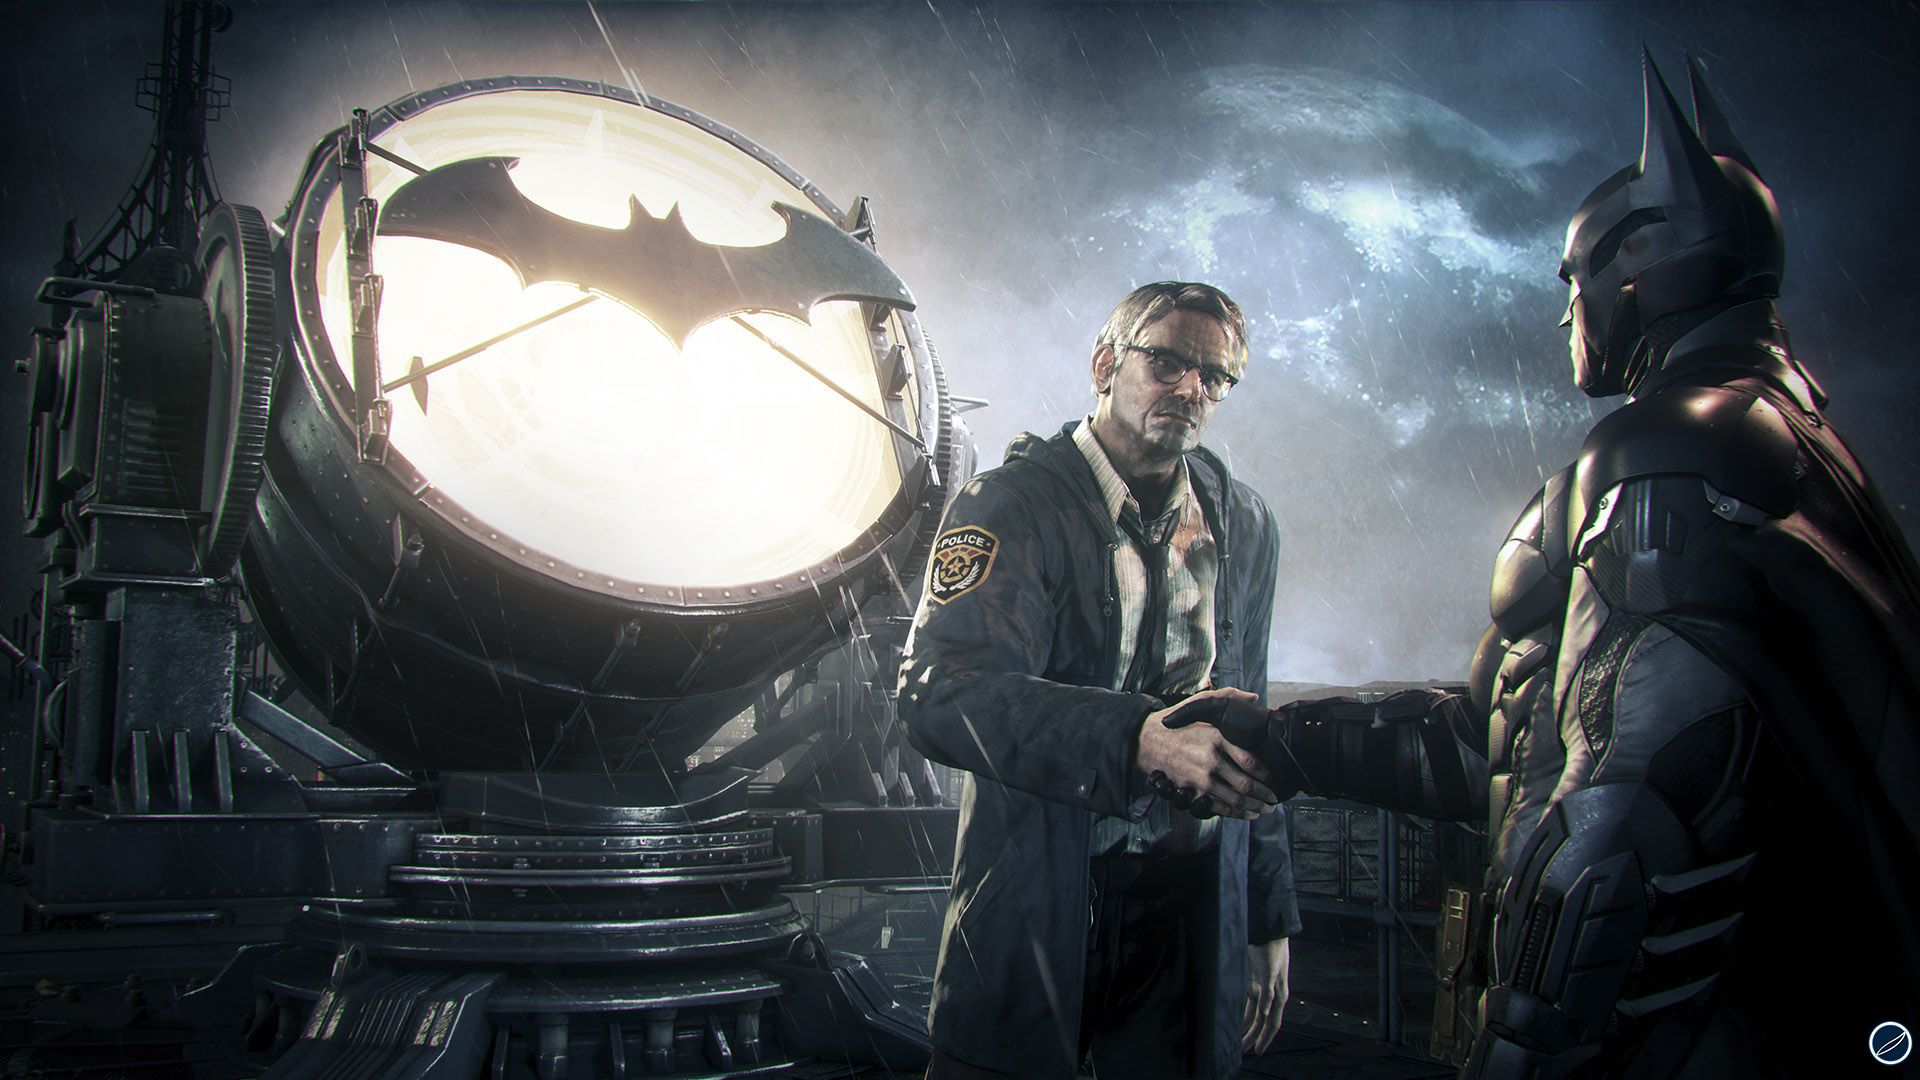 batman-arkham-knight_PC_w_5580.jpg